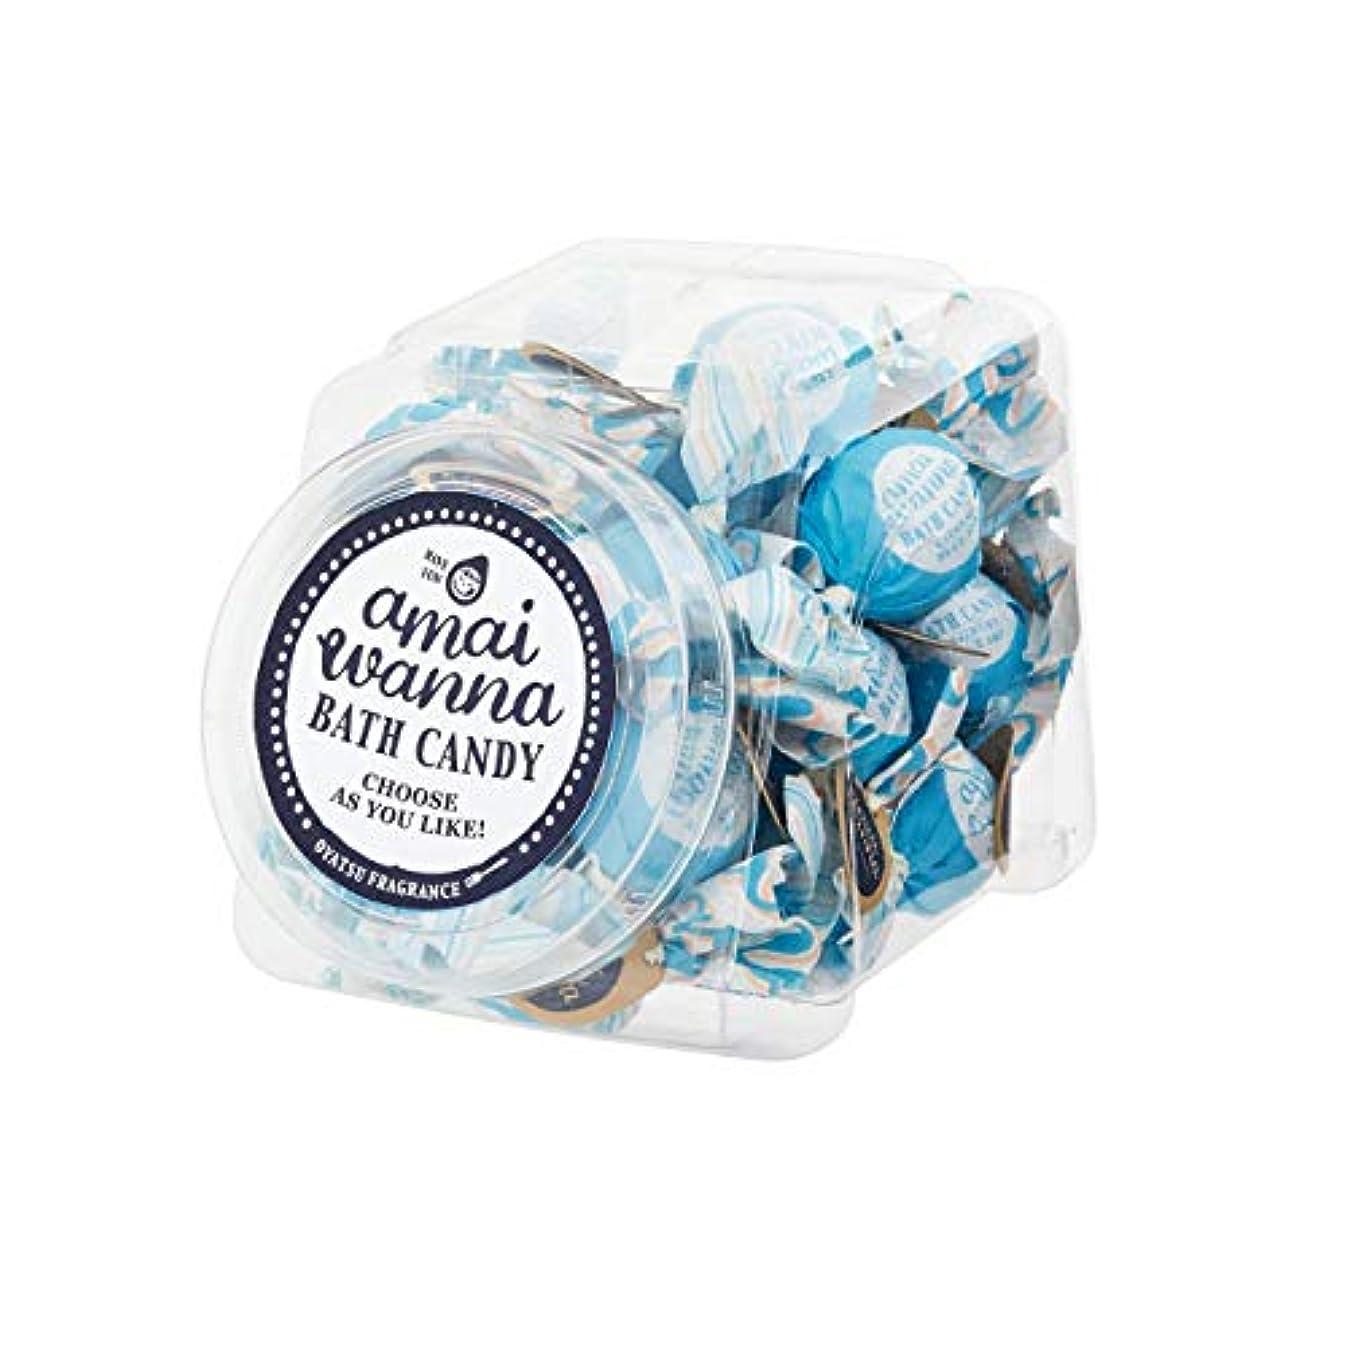 前文入浴肥沃なアマイワナSP バスキャンディーポットセット24粒入り(青空シトラス バスギフト キャンディーの形の入浴料 大人可愛い)